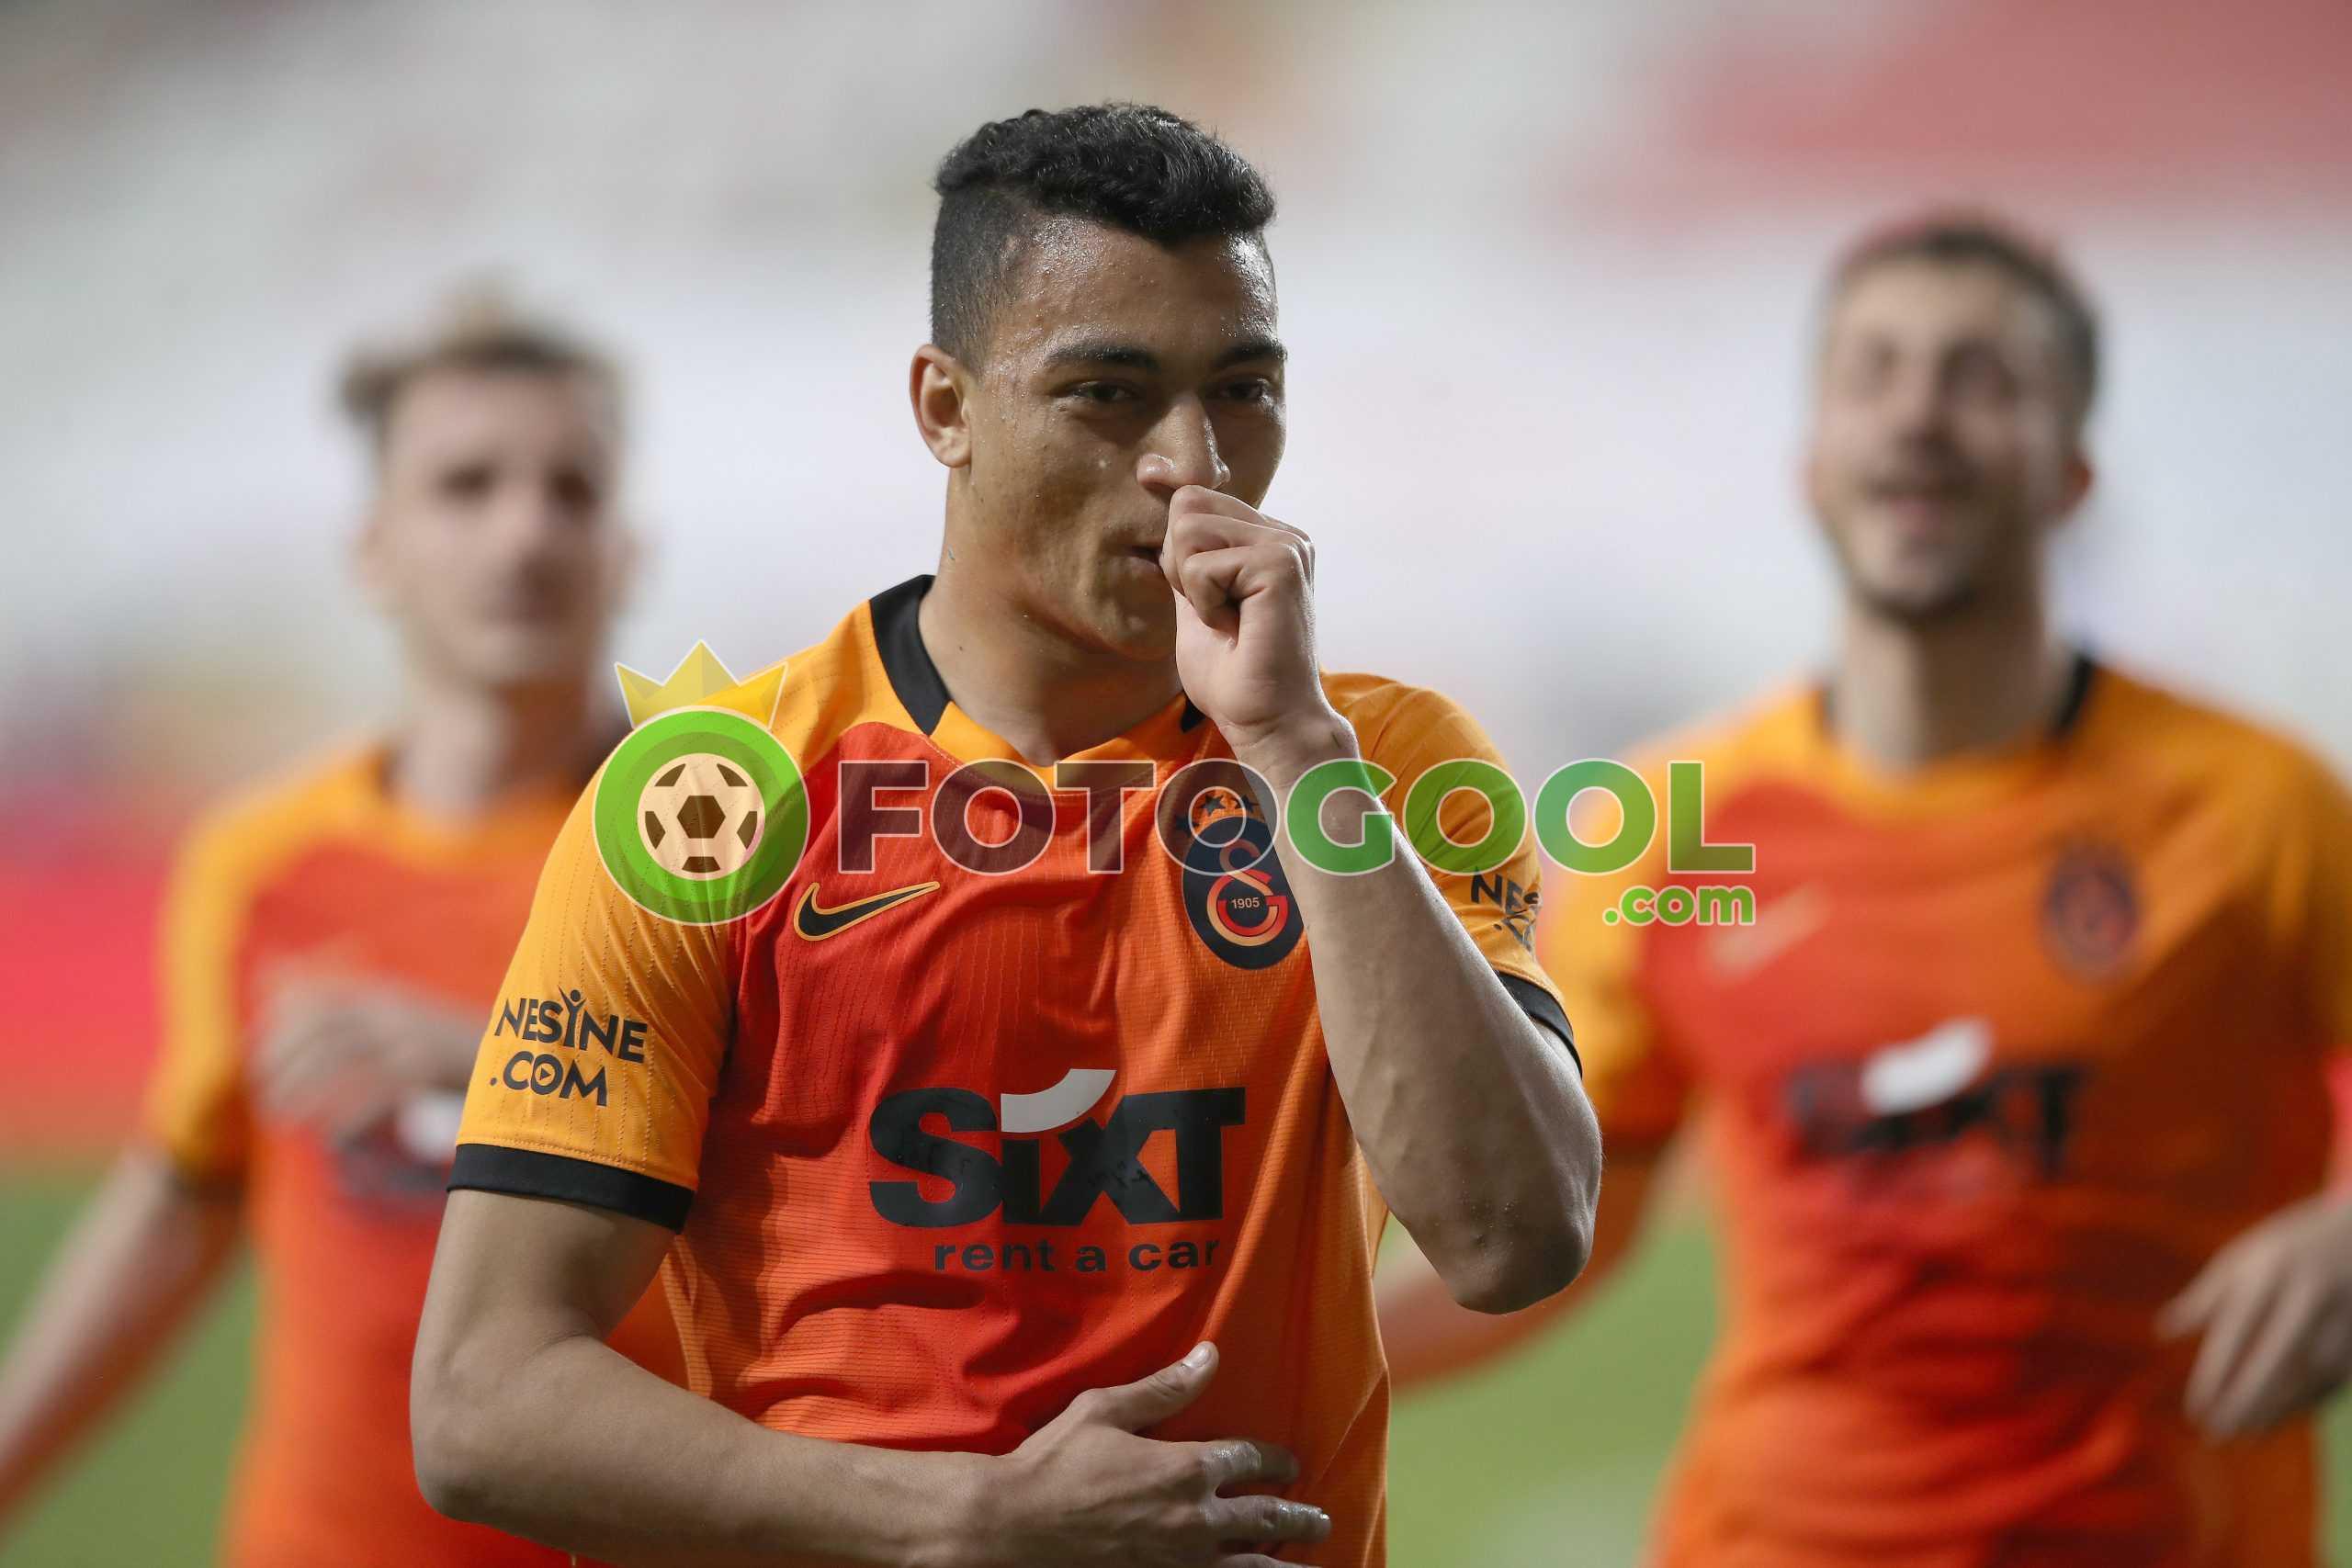 Galatasaray takibi bırakmadı 1-0